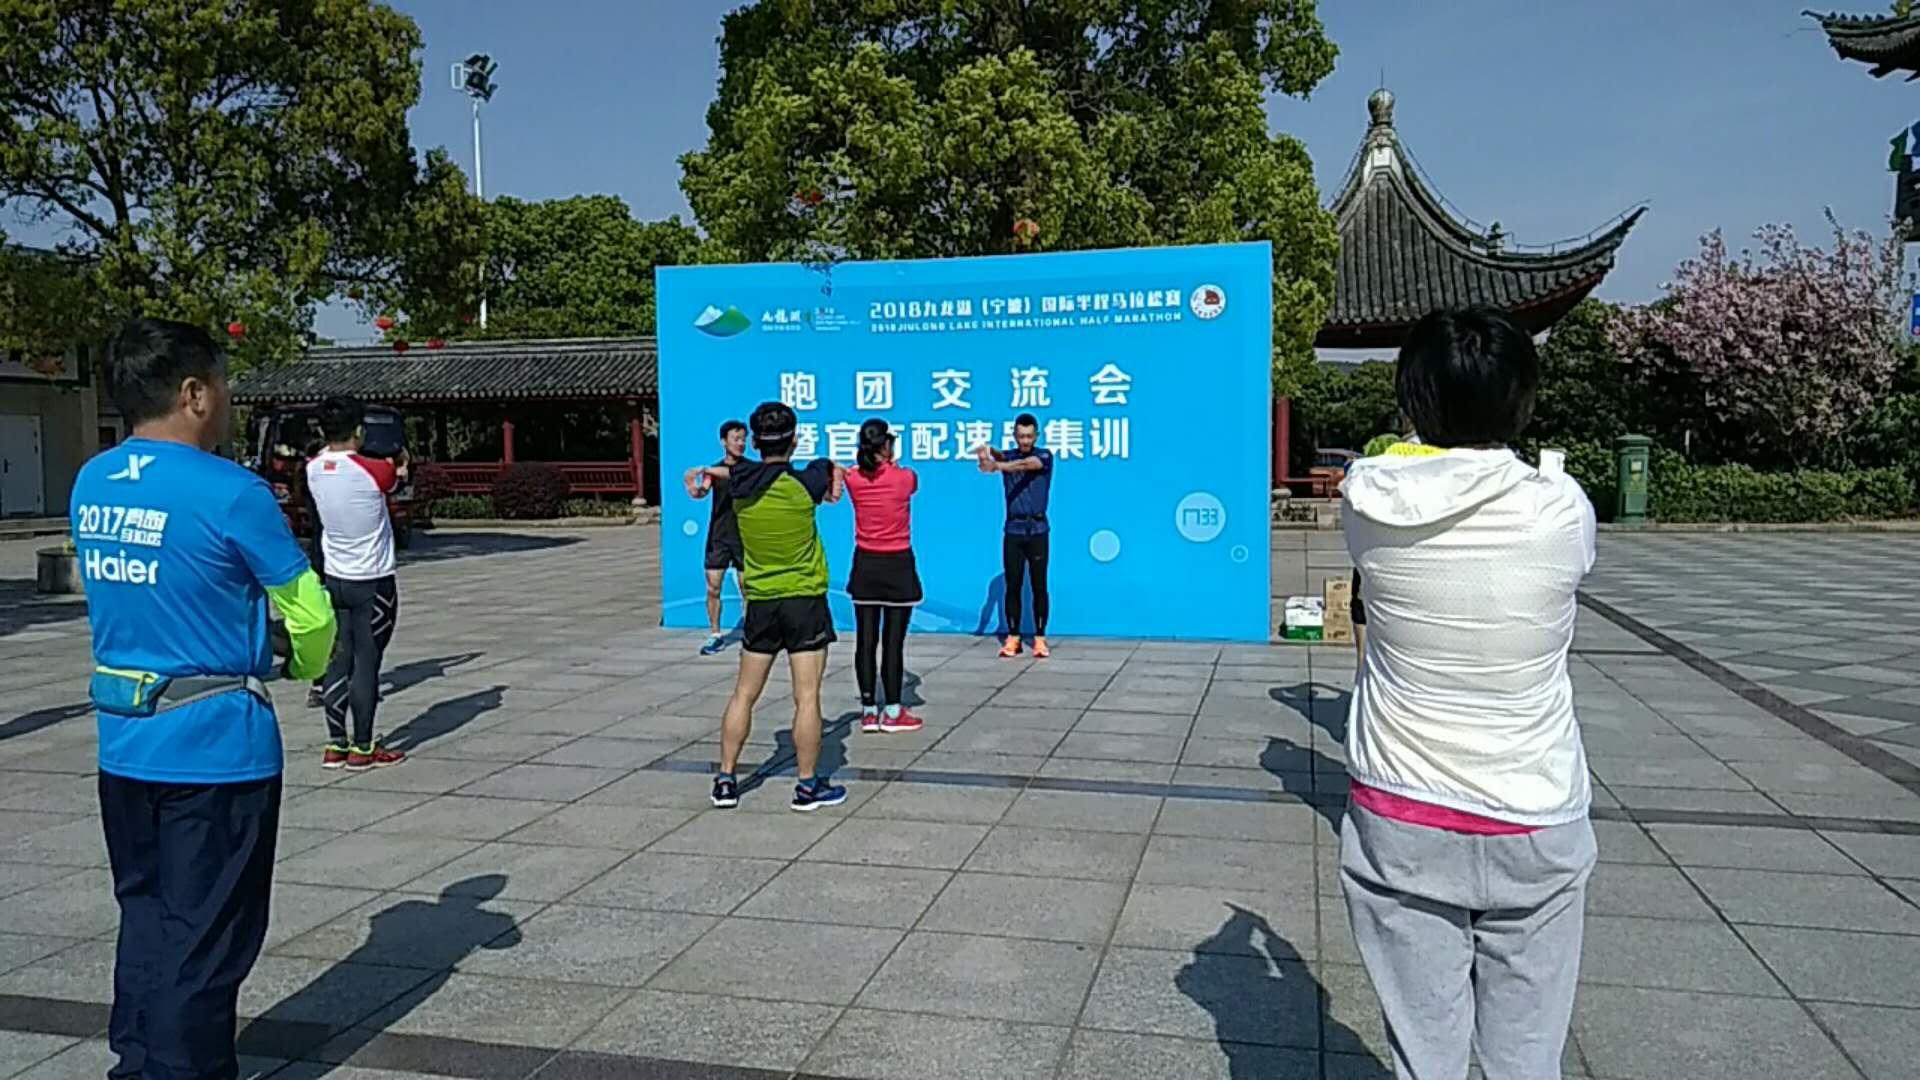 微信图片_20180407162103.jpg